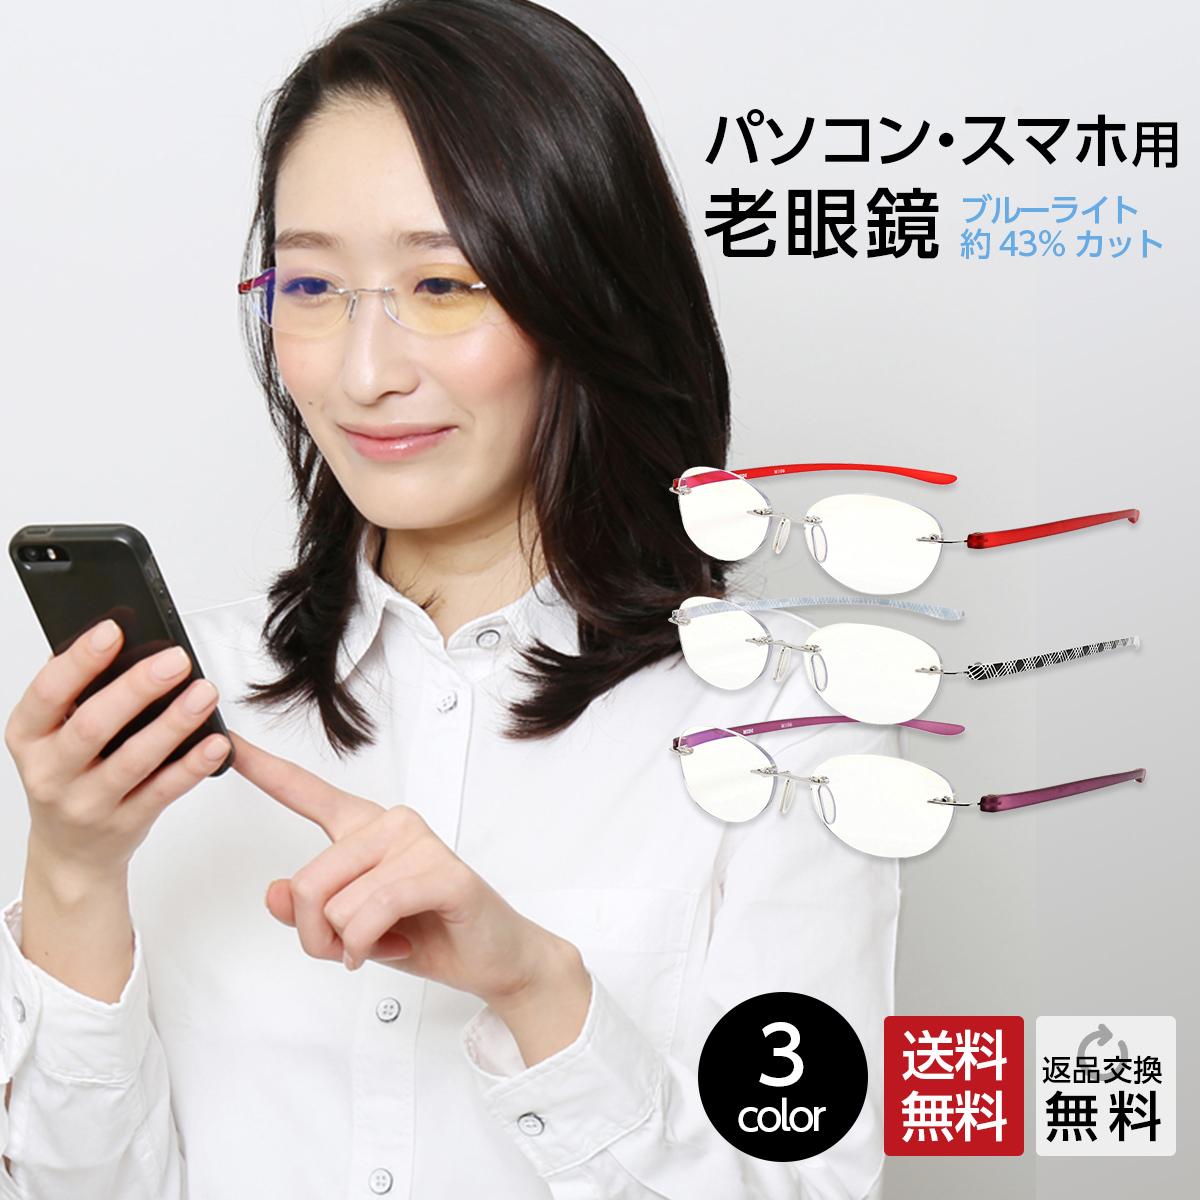 【送料無料・返品無料・交換無料】 超軽量のPCリーディンググラス フチ無しデザインでお洒落 女性向け 老眼鏡 おしゃれ レディース ブルーライトカット 紫外線カット フチなし老眼鏡 PC老眼鏡 女性用 オーバル スマホ・パソコン使用時にオススメ シニアグラス 選べる3色 UVカット UV400 シンプル かわいい